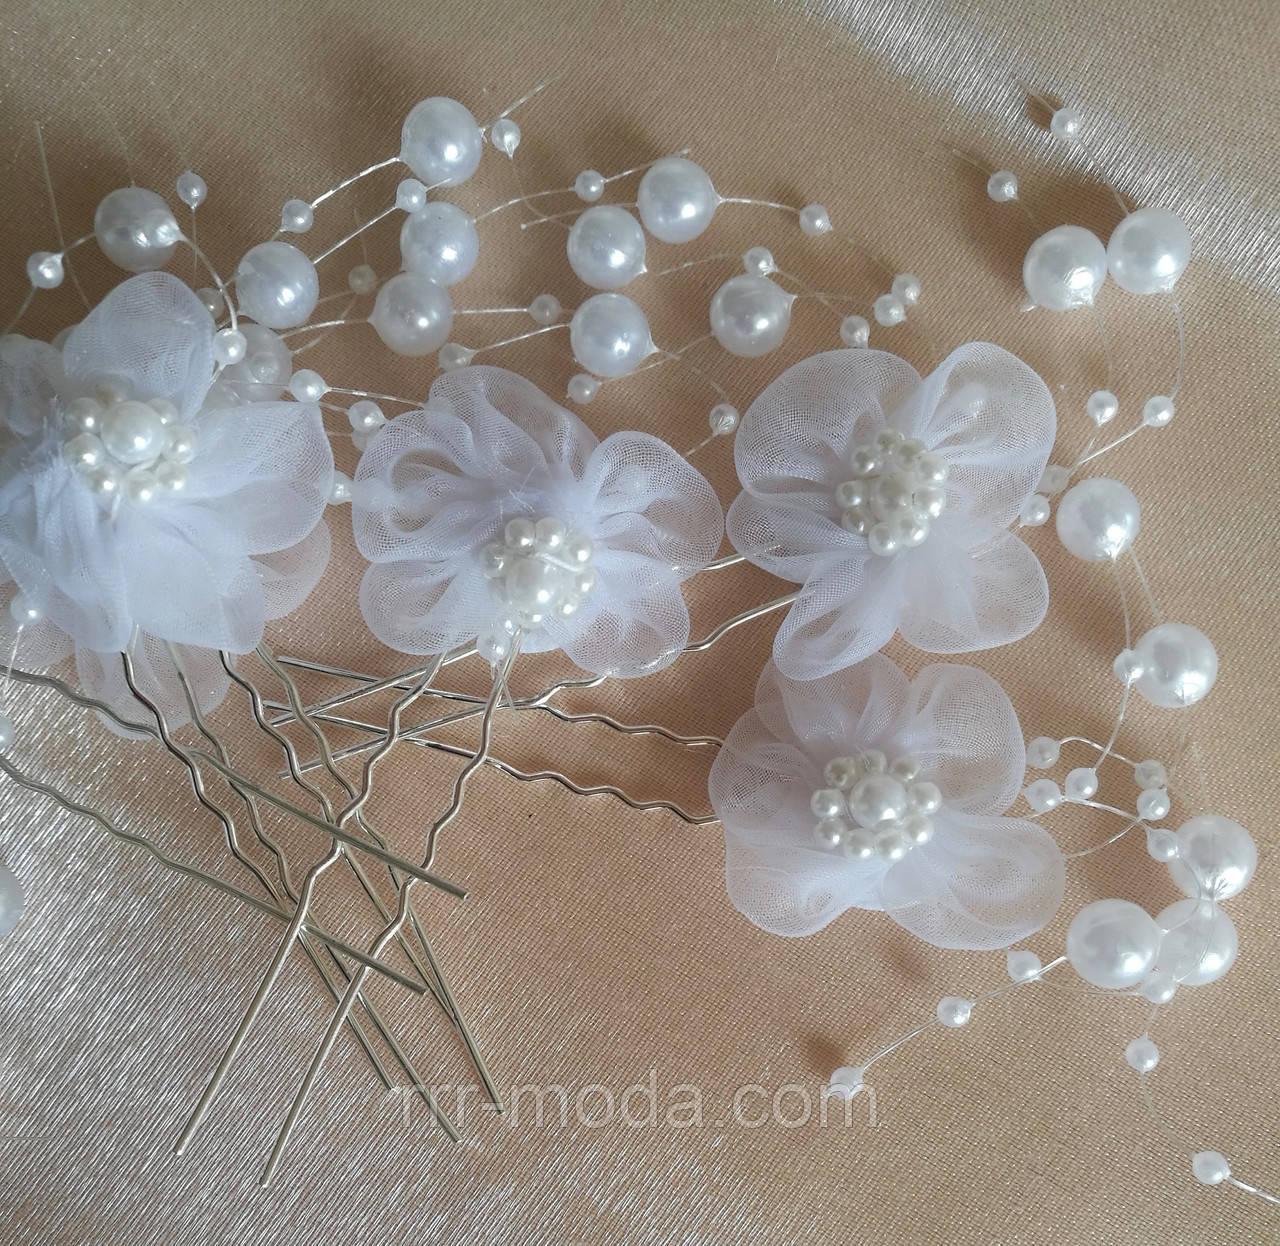 Модные свадебные украшения 2018. Свадебные шпильки оптом, свадебные украшения. 144